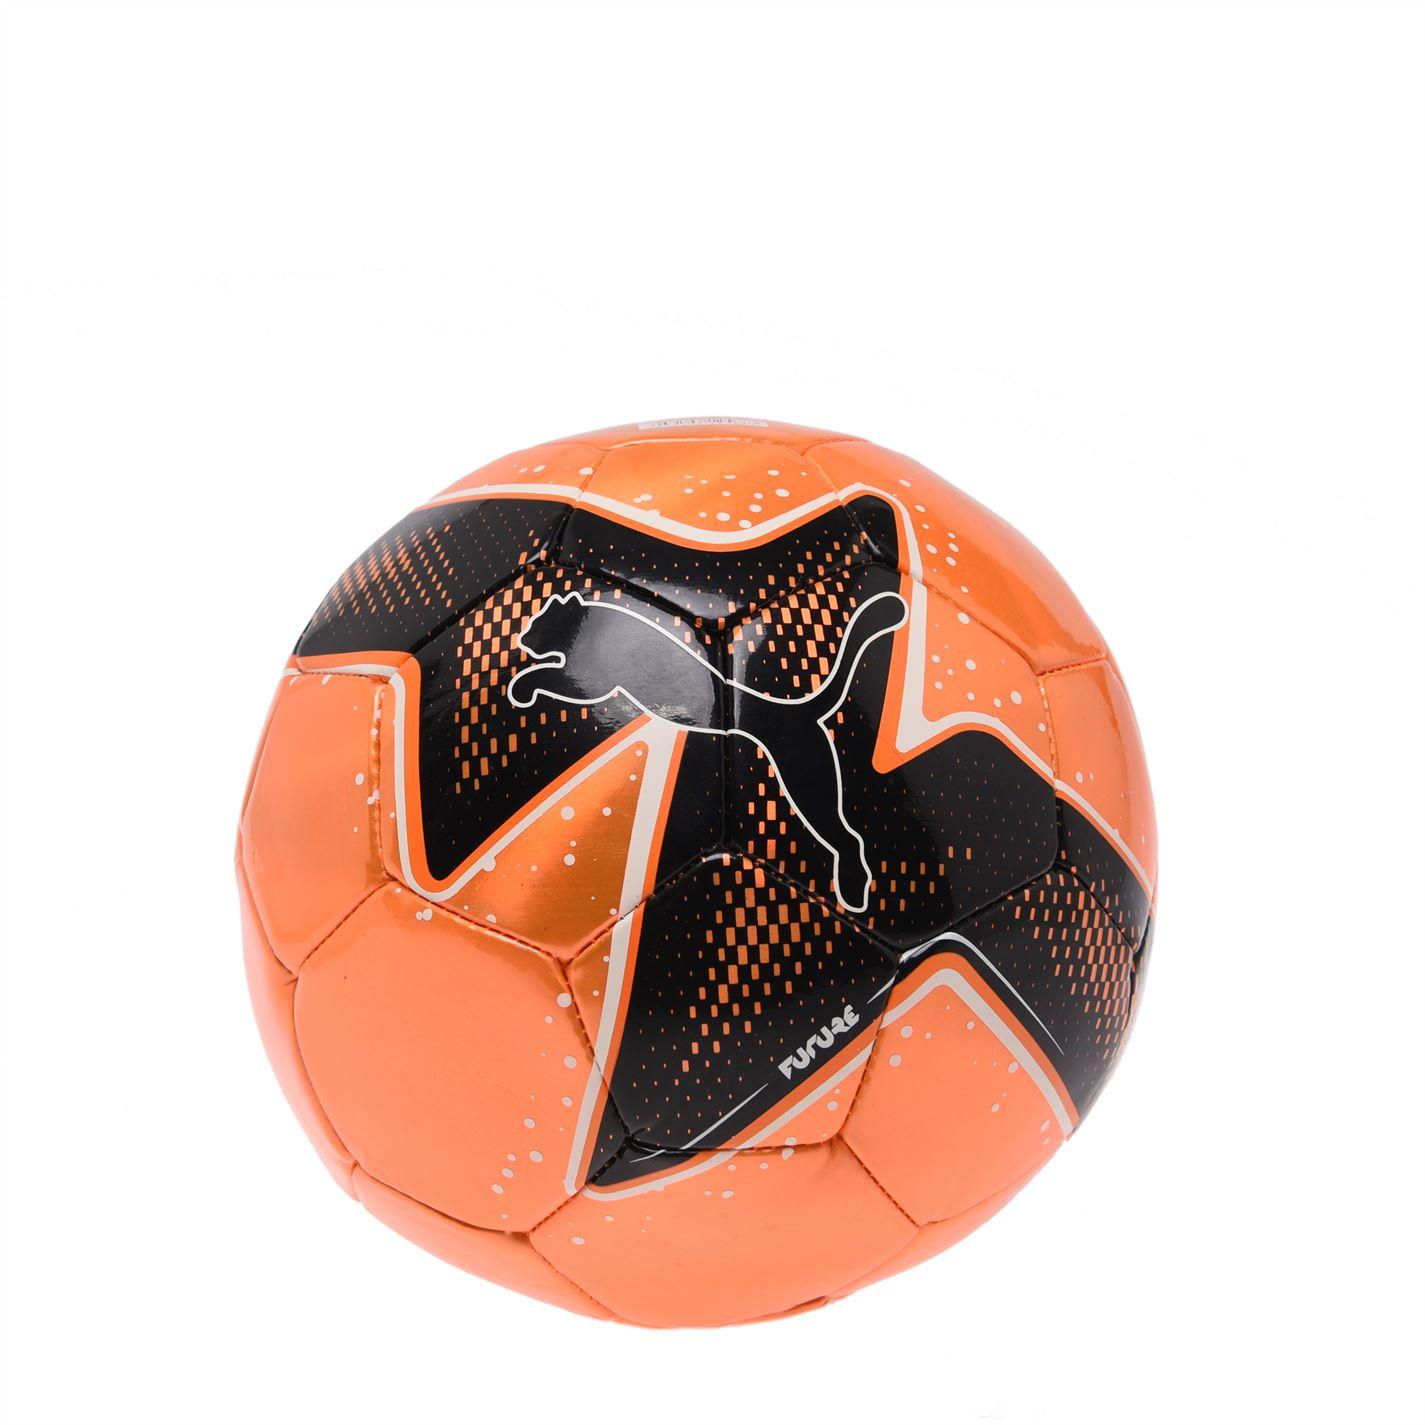 Minge Fotbal Puma Future Pulse